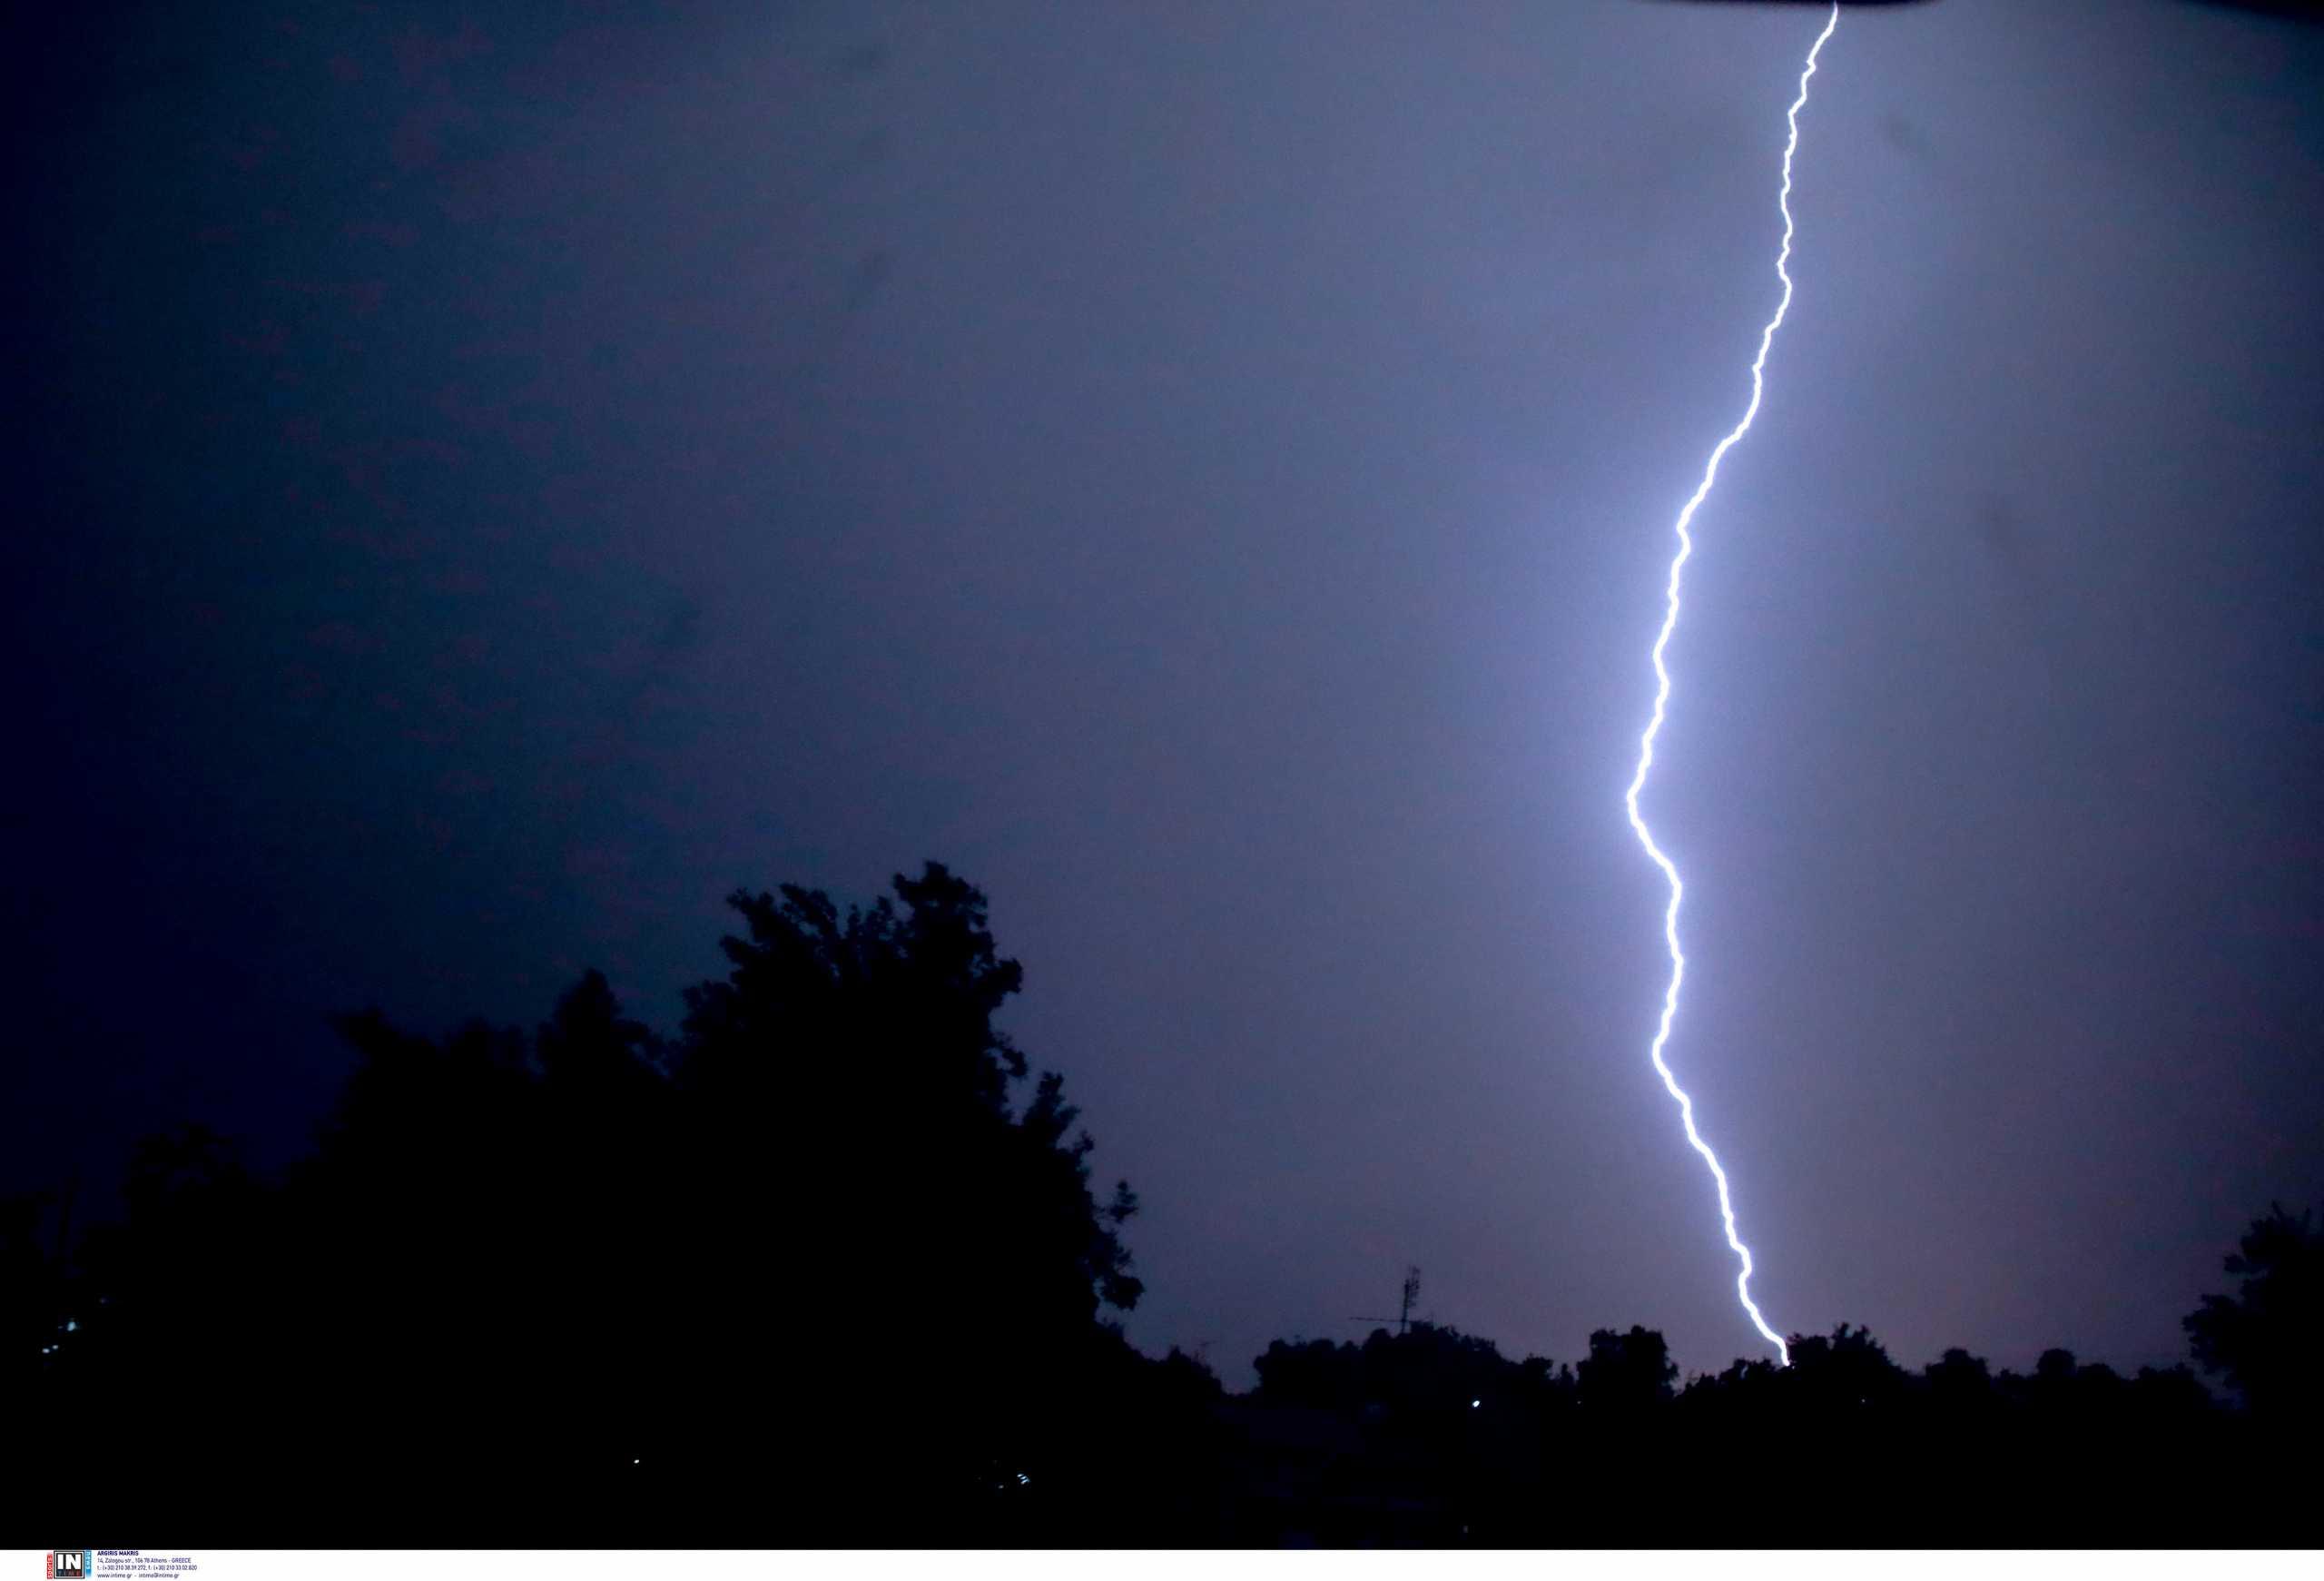 Καιρός αύριο: Καταιγίδες και χαλάζι σε αρκετές περιοχές